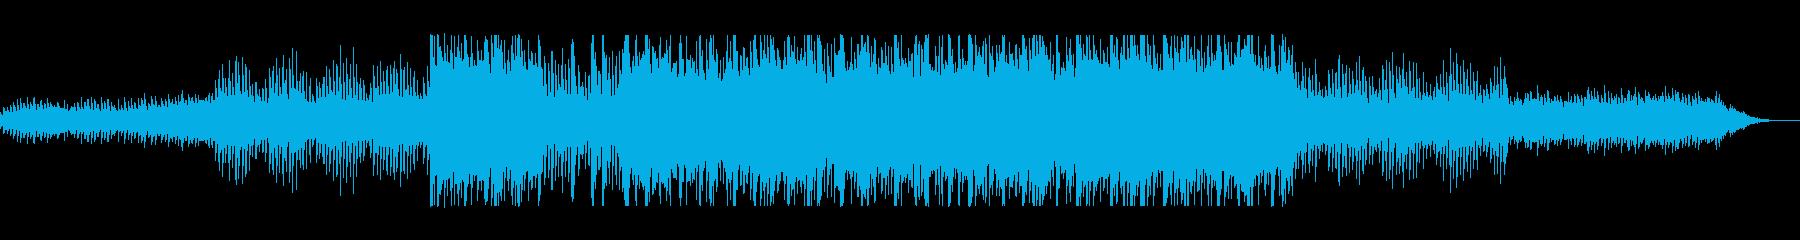 浮遊感なシーケンサーのテクノポップの再生済みの波形